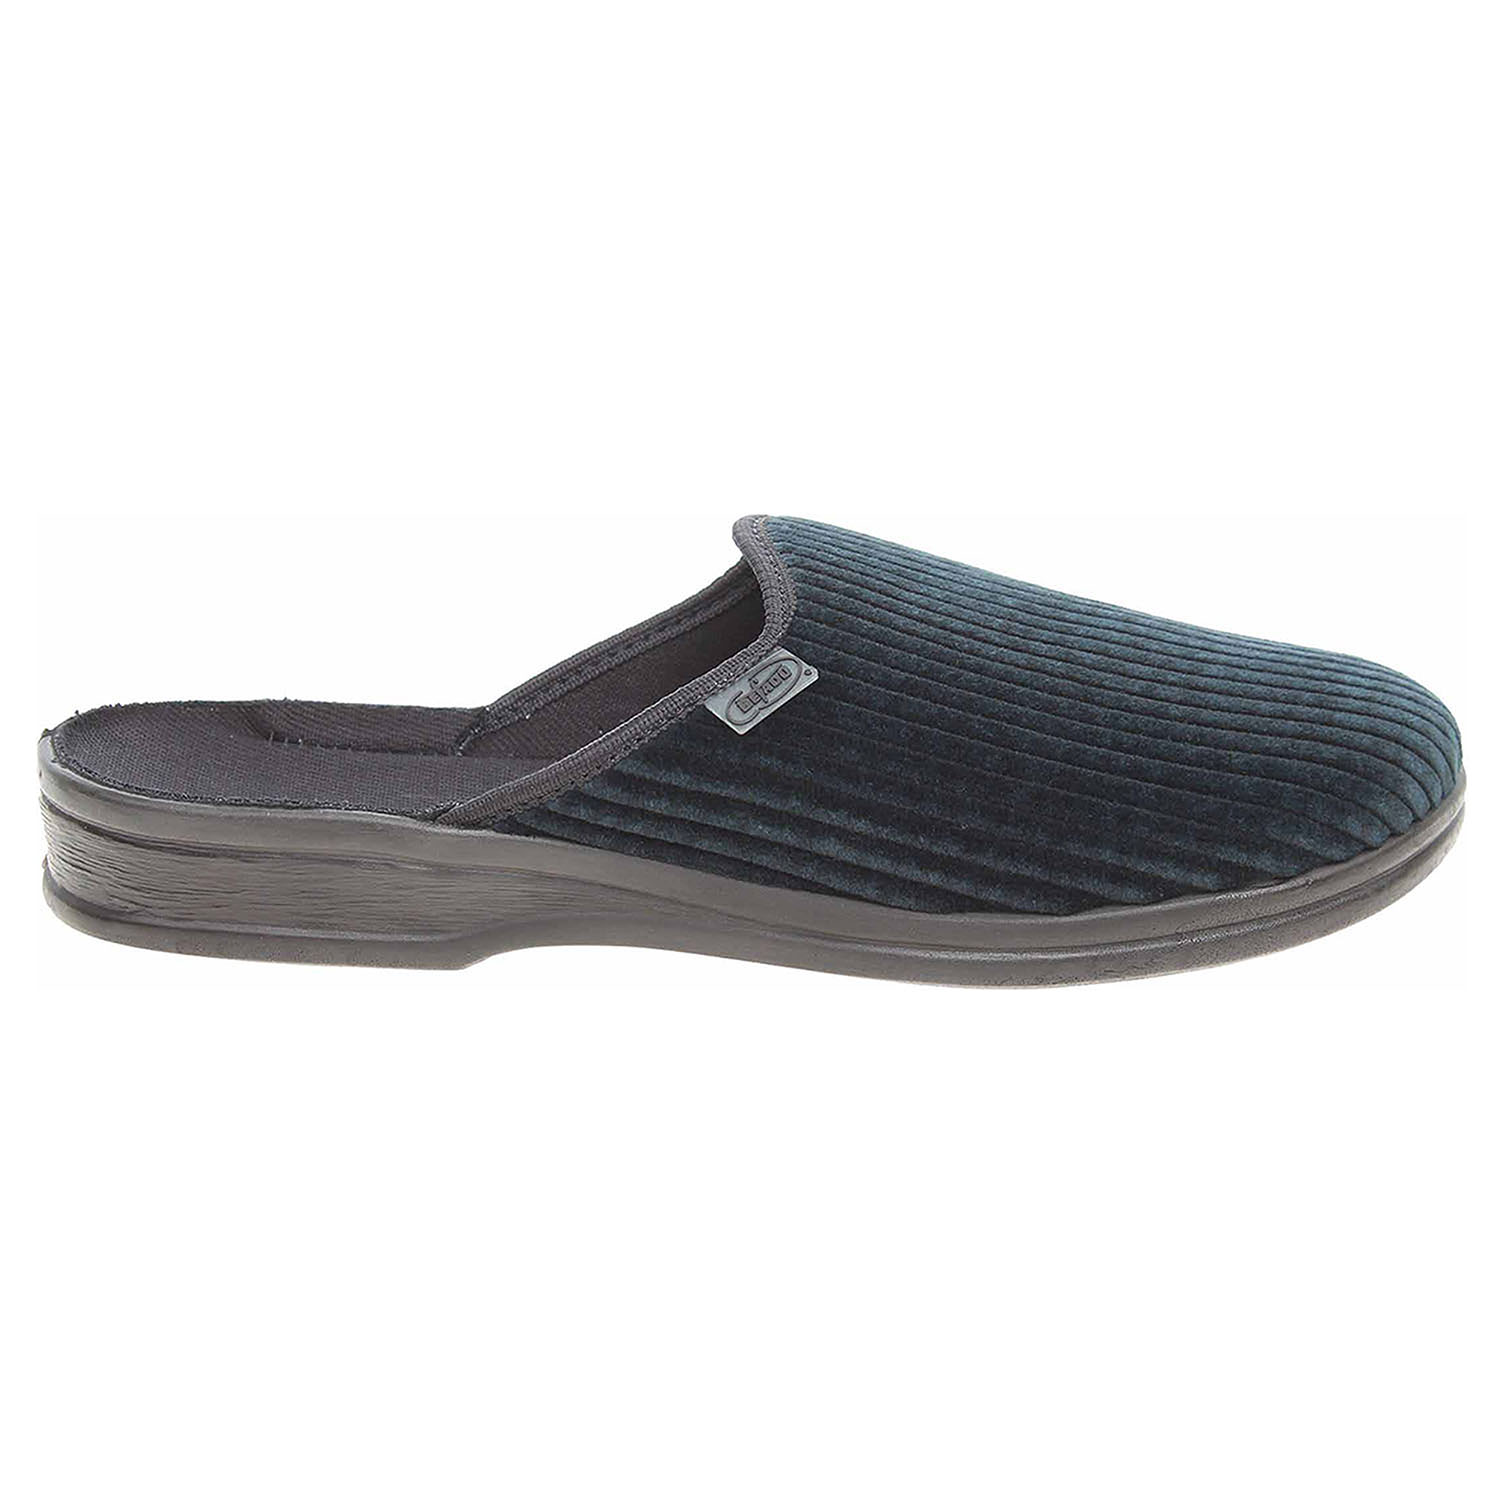 Befado pánské domácí pantofle 089M407 černé 089M407 42